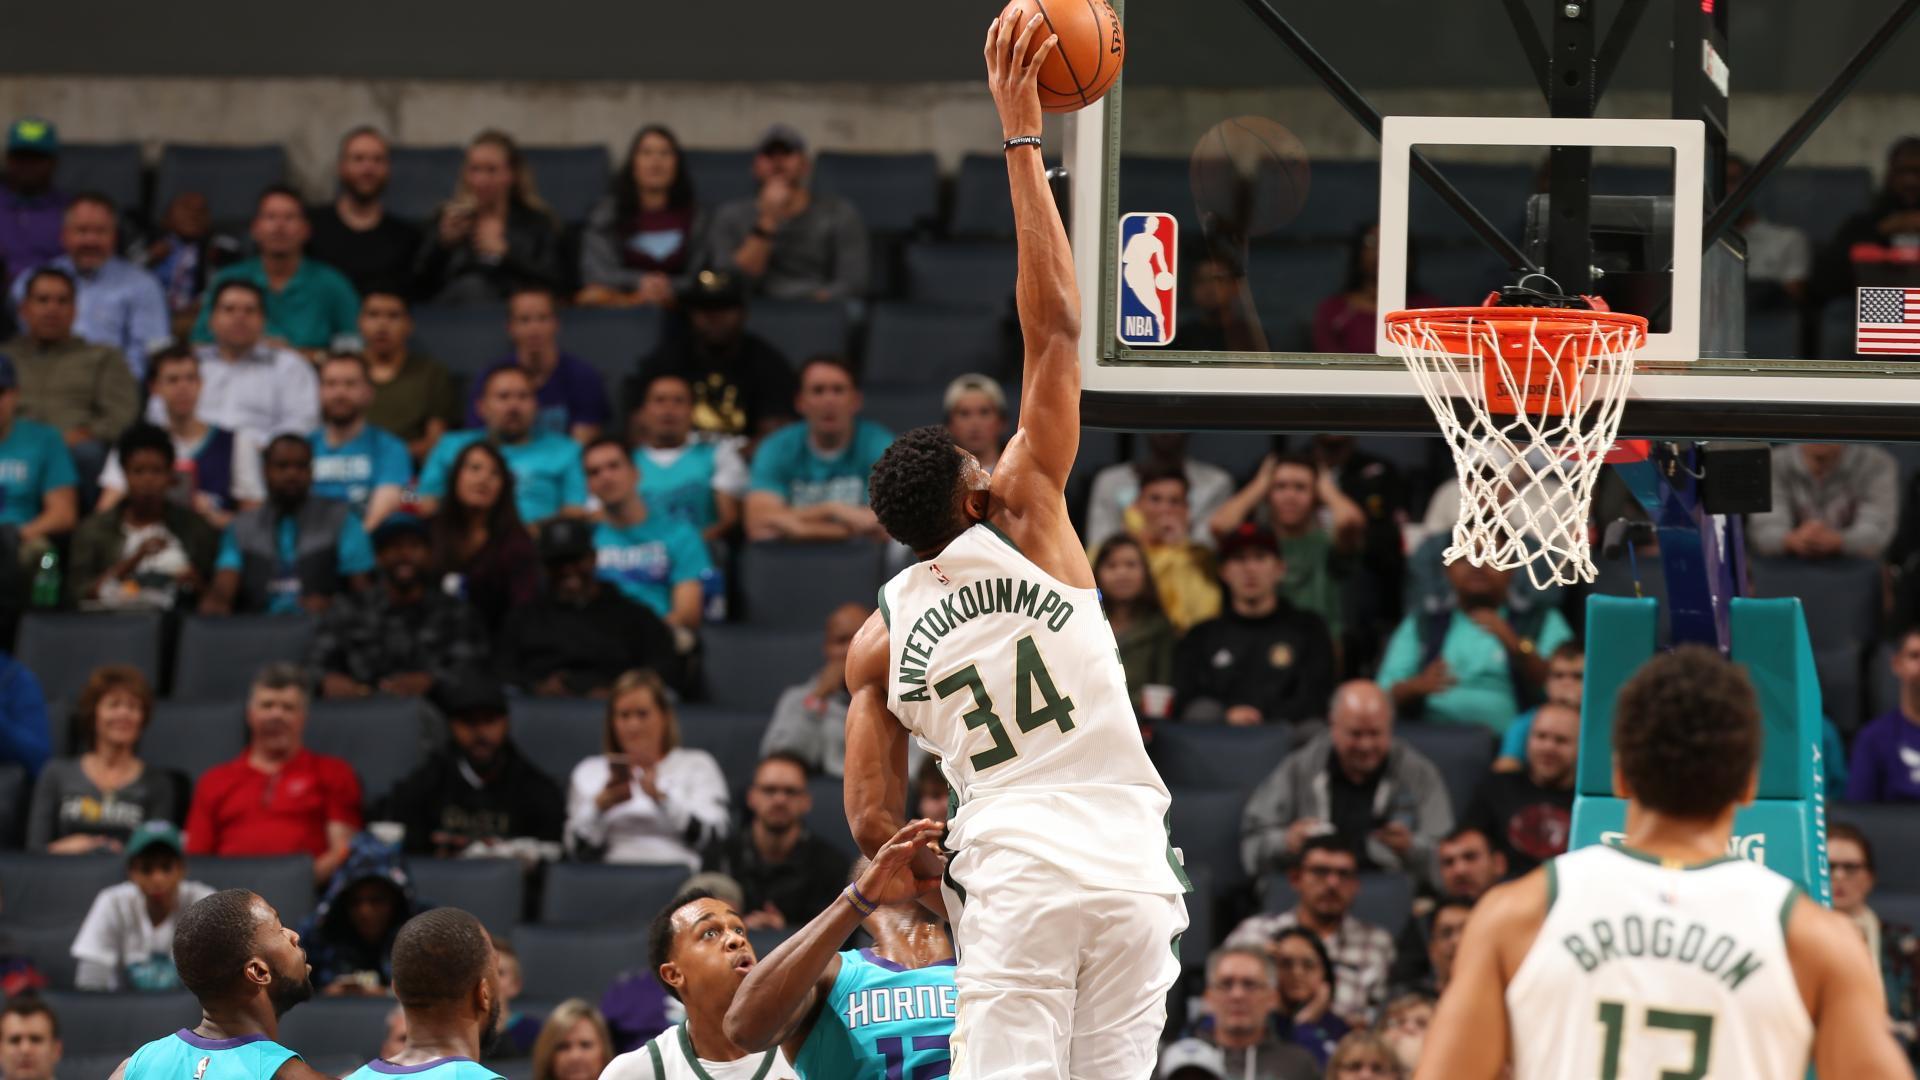 Милуоки — Портленд. Прогноз на матч 22 ноября 2018. НБА